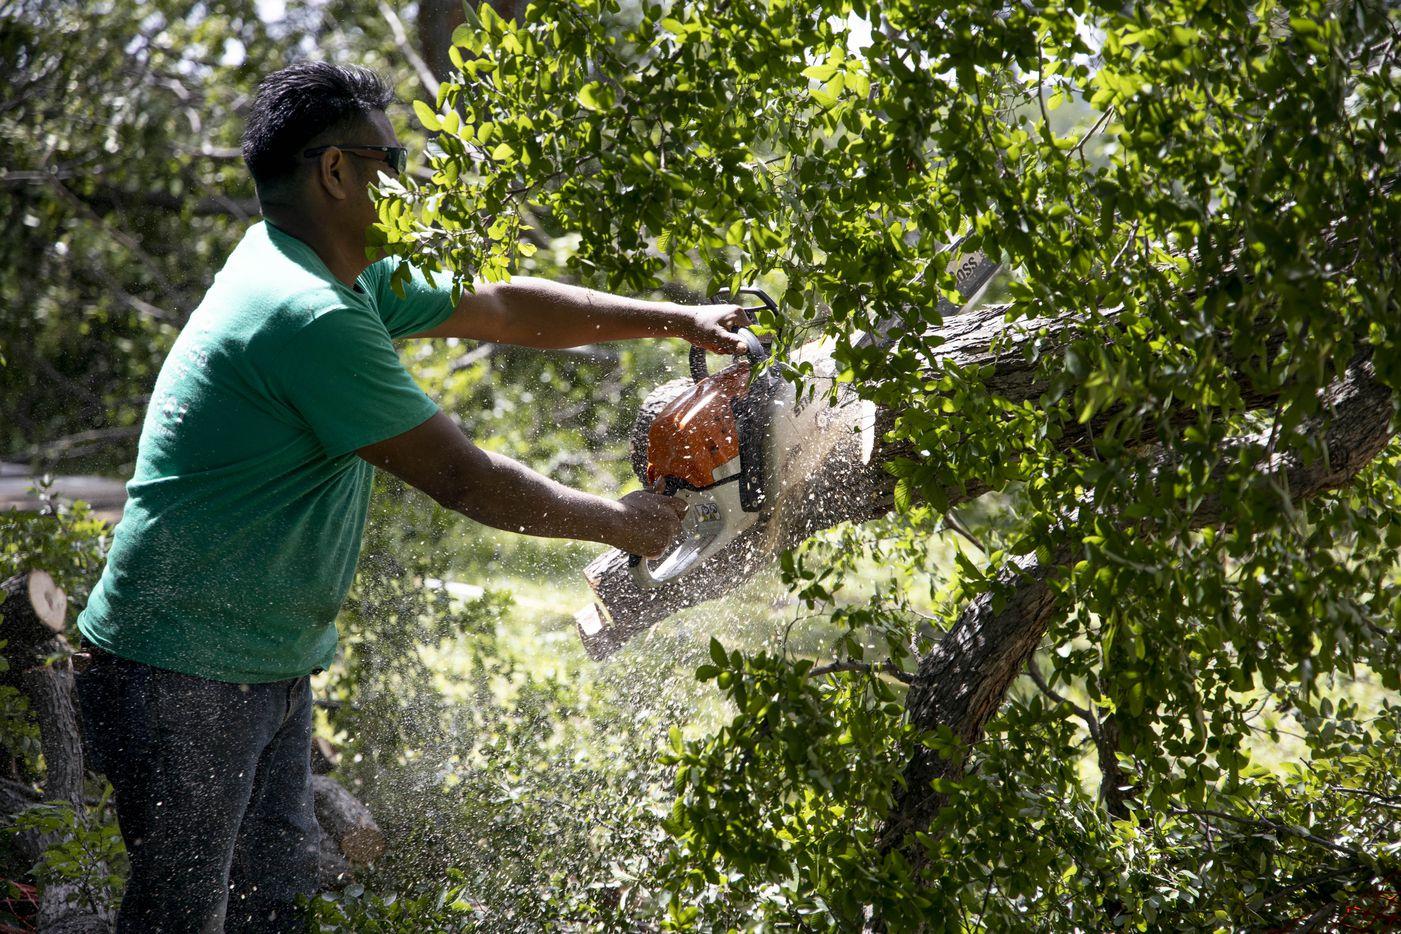 Bryan Benavides cuts down a tree in a yard near White Rock Lake.